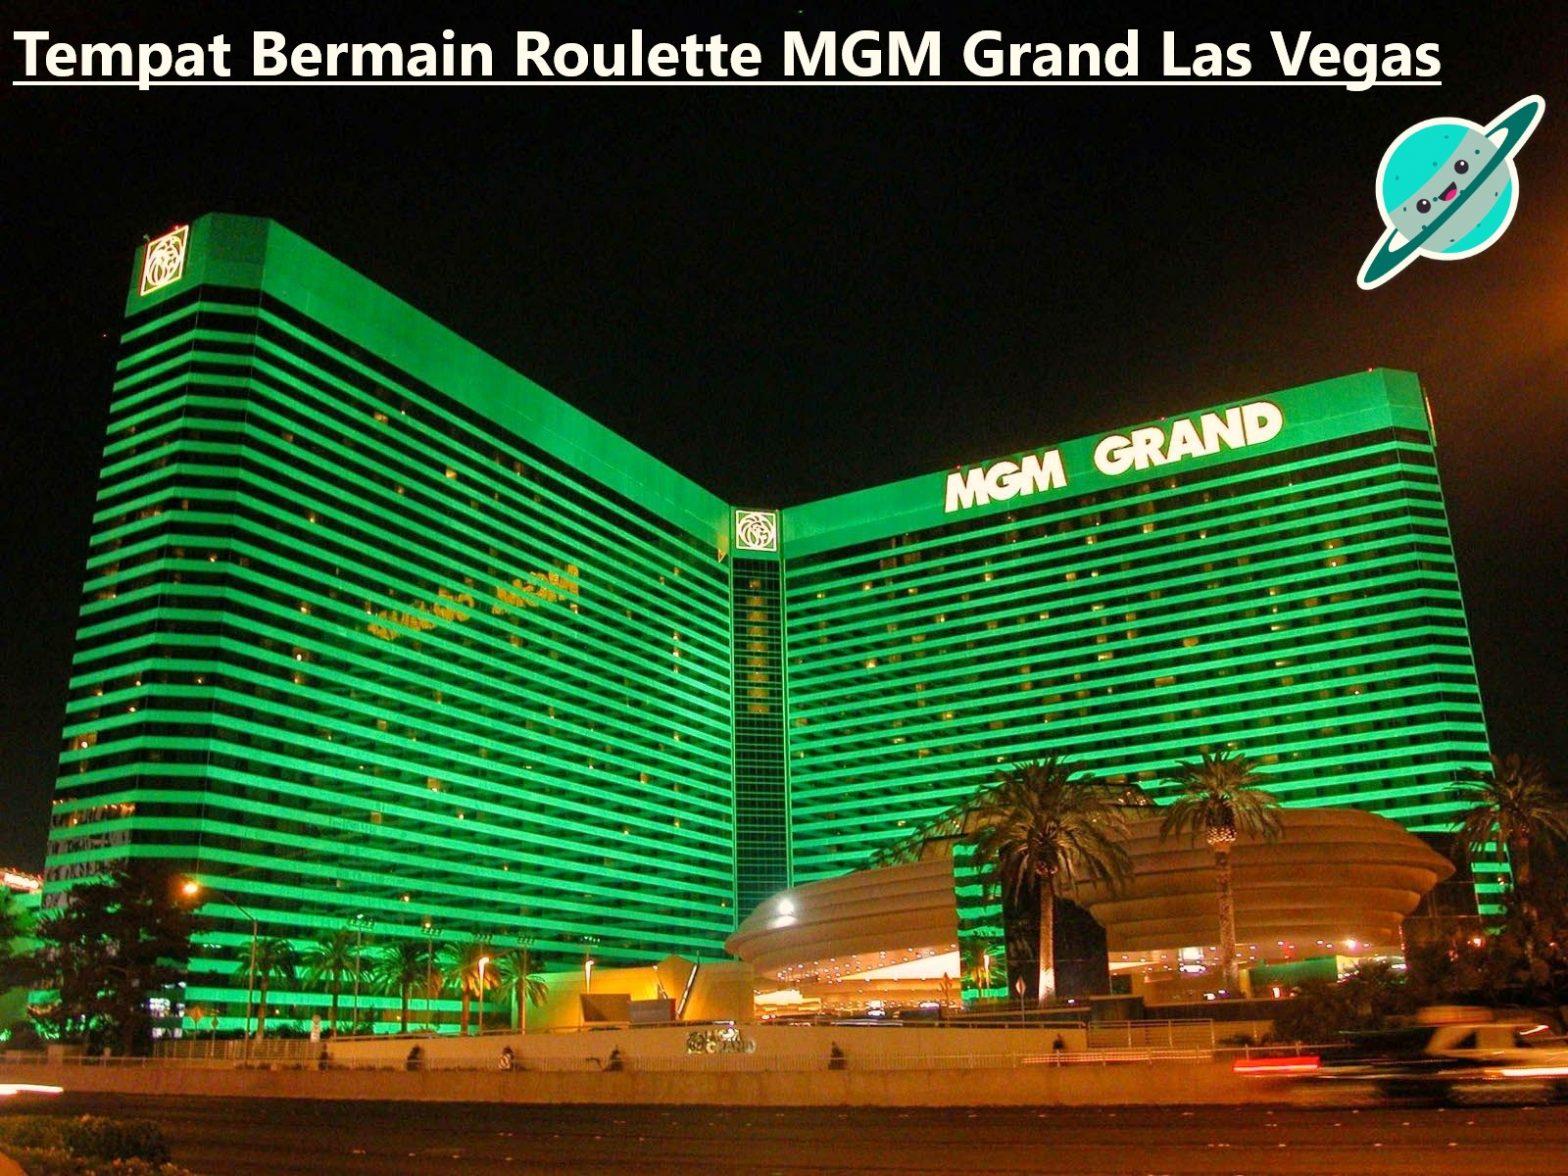 Tempat Bermain Roulette MGM Grand Las Vegas